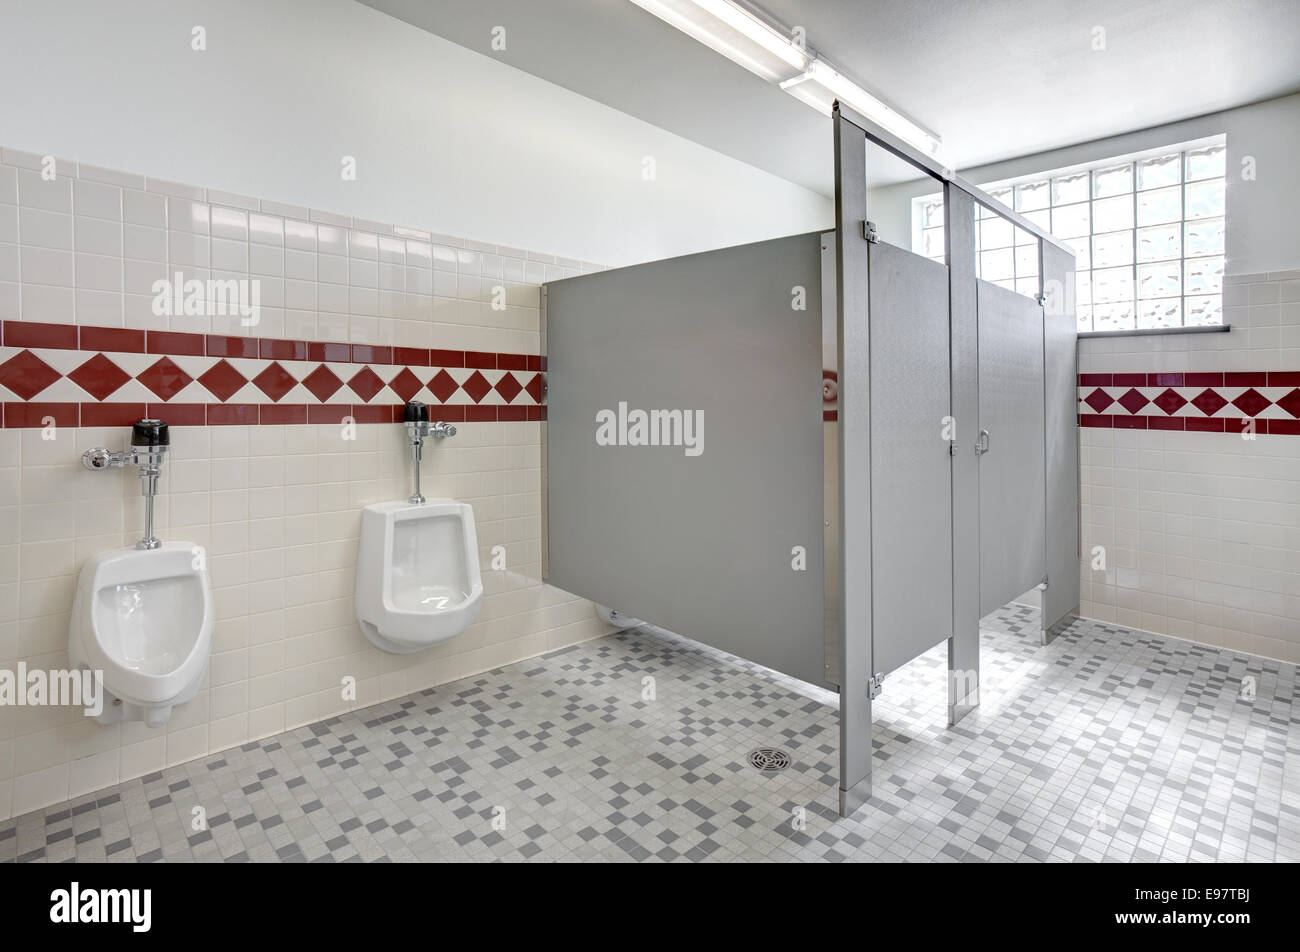 Toilet Stall Stock Photos Amp Toilet Stall Stock Images